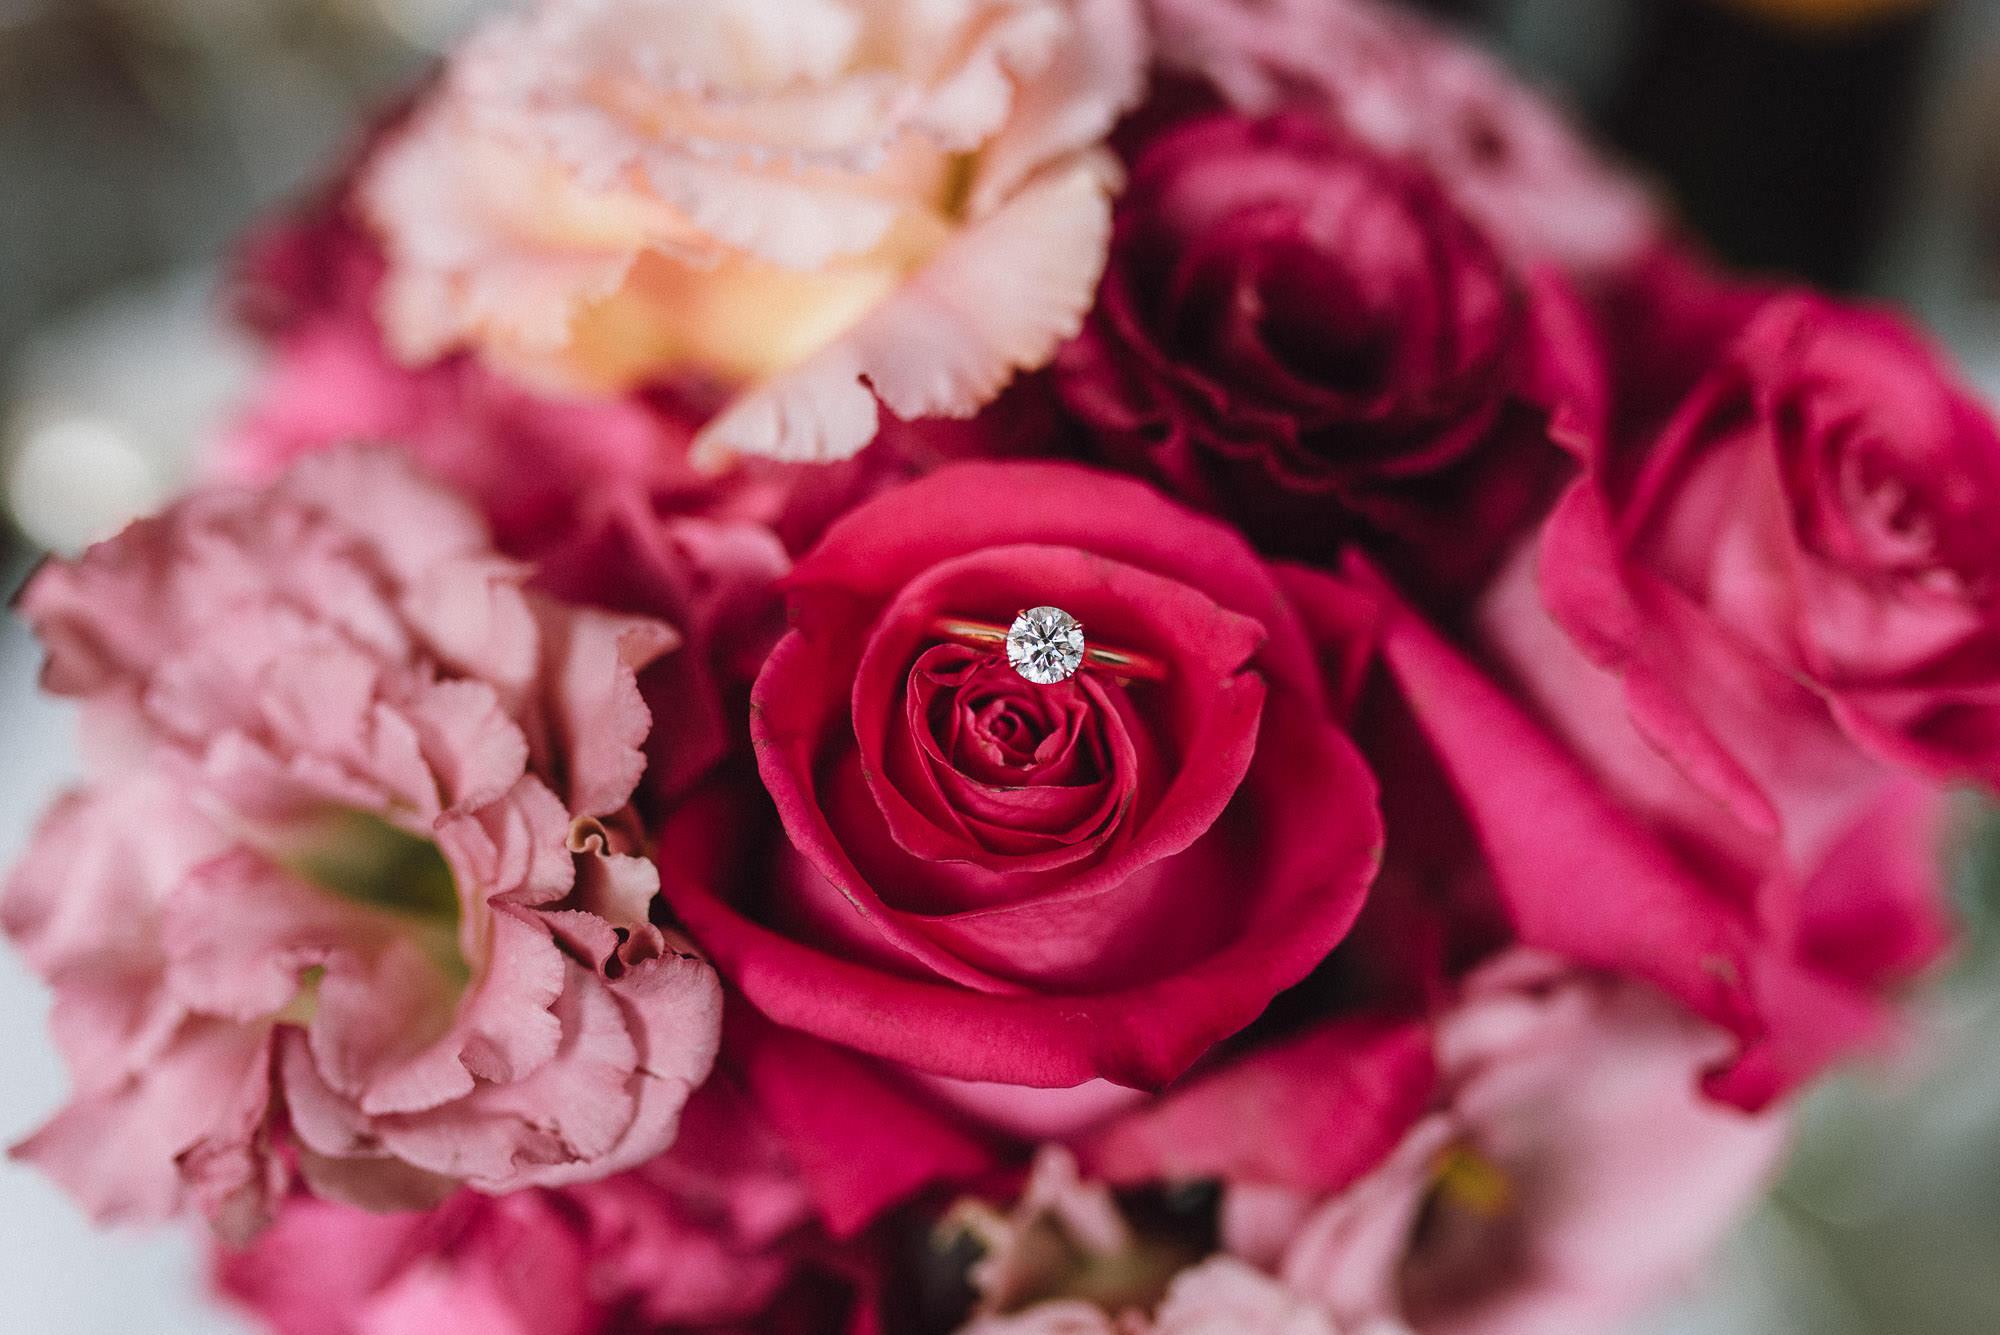 Verlobungsring inmitten Rosen